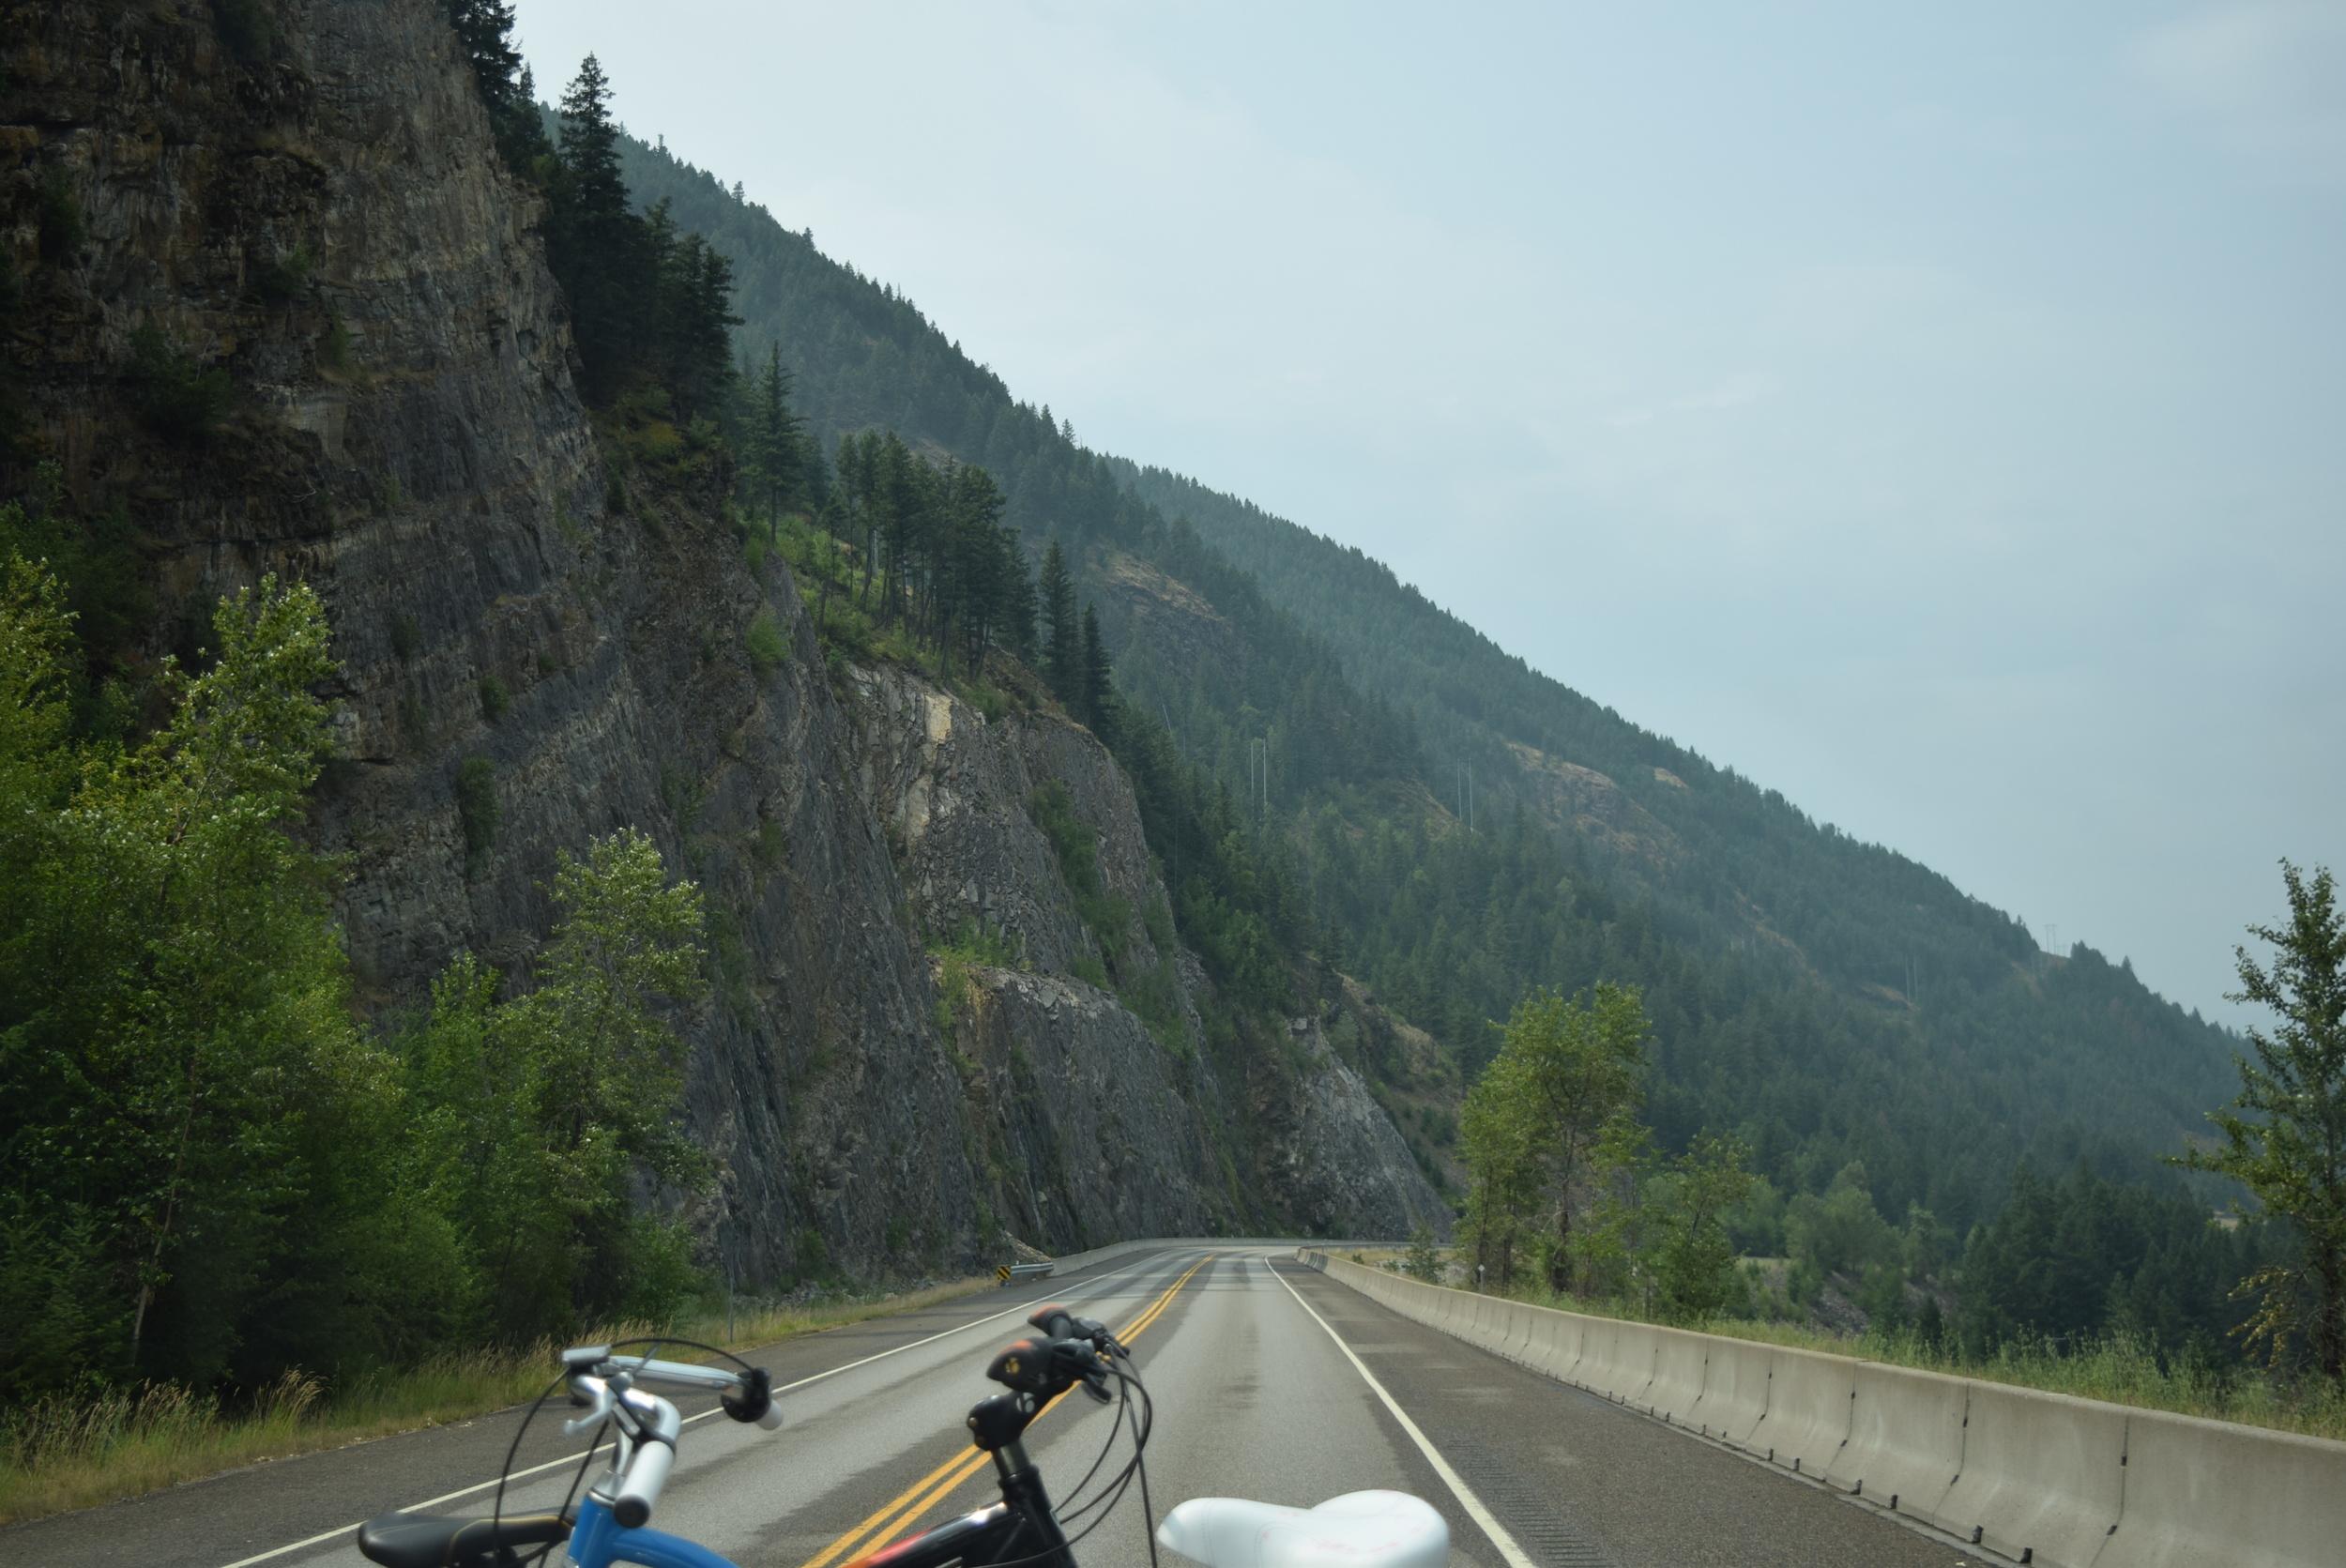 Northern Montana.